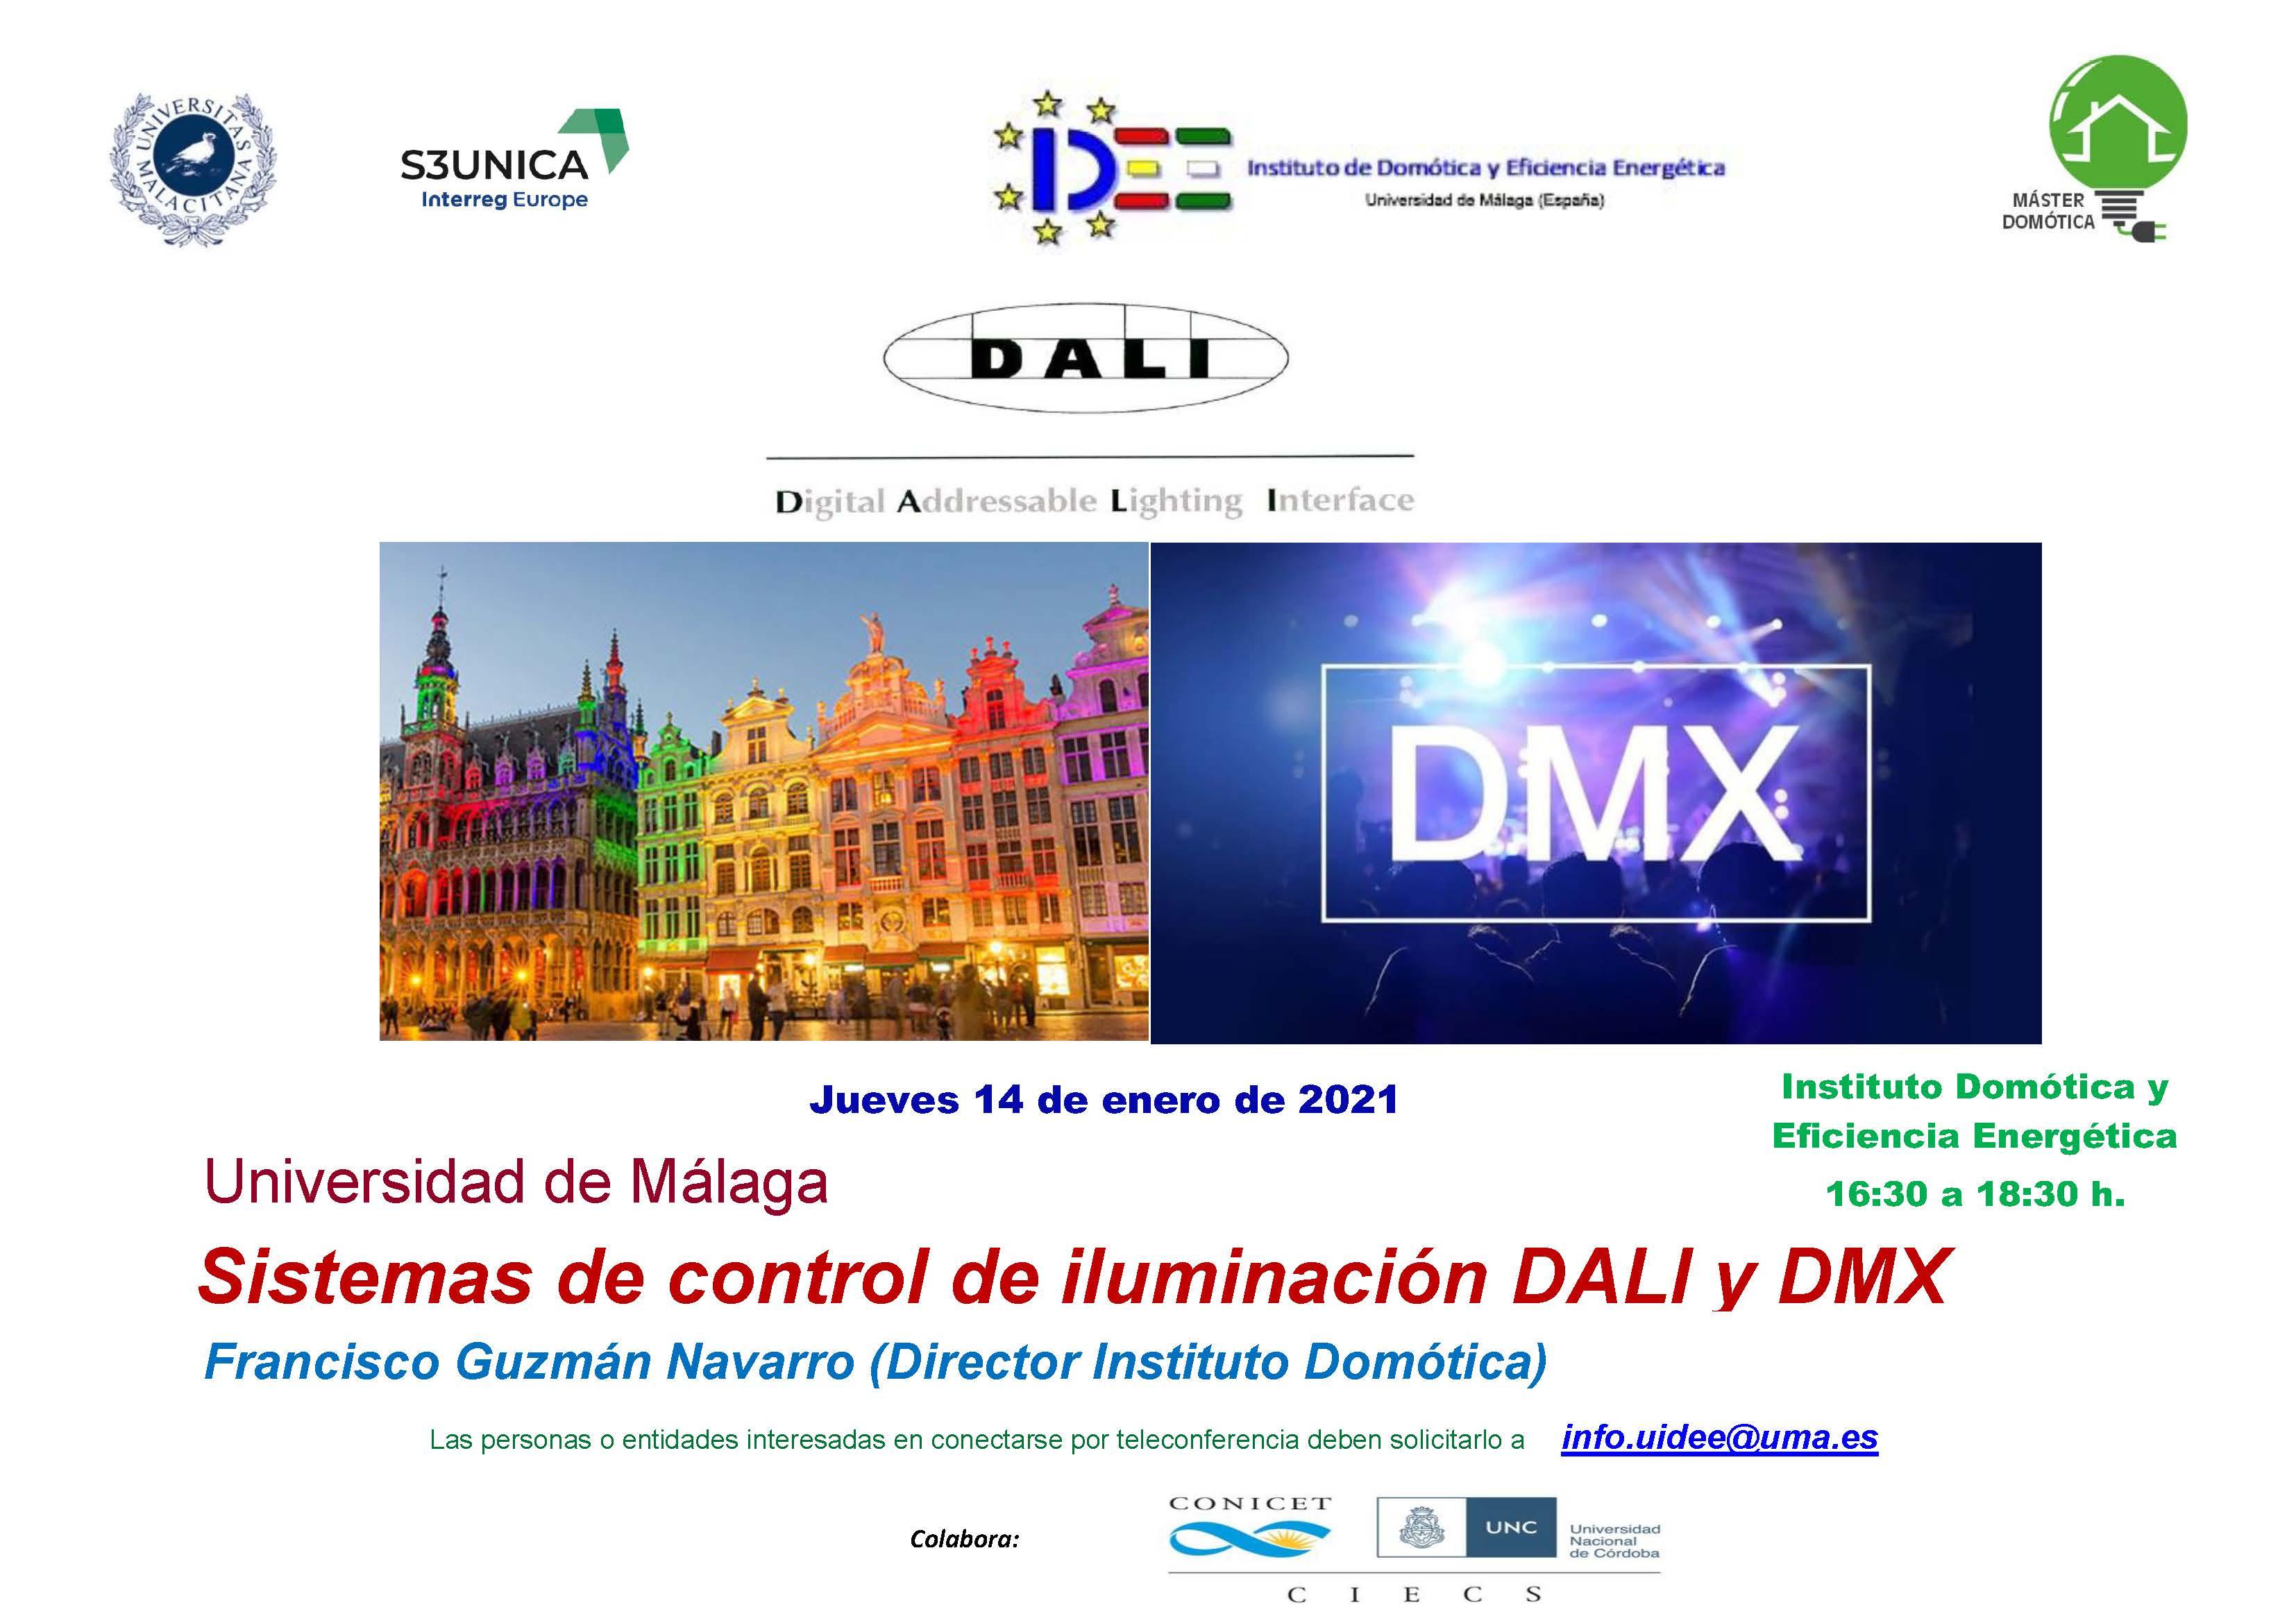 INVITACION UMA 14 ENERO 2021 Control Iluminación DALI-DMX der Europa.jpg